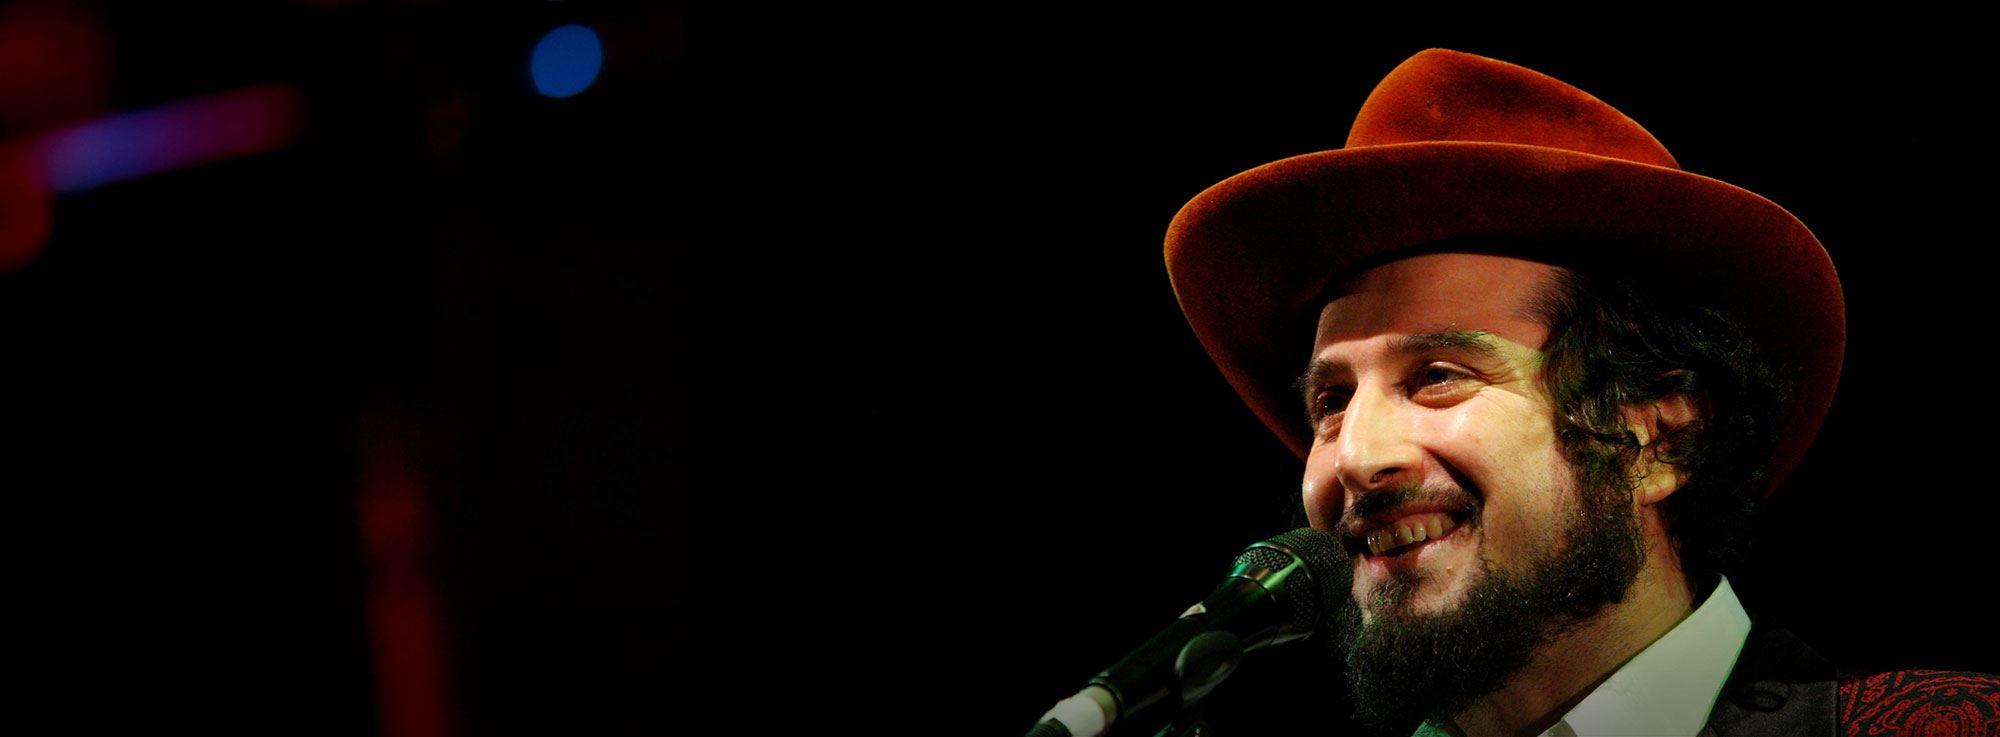 Lecce: Vinicio Capossela in concerto